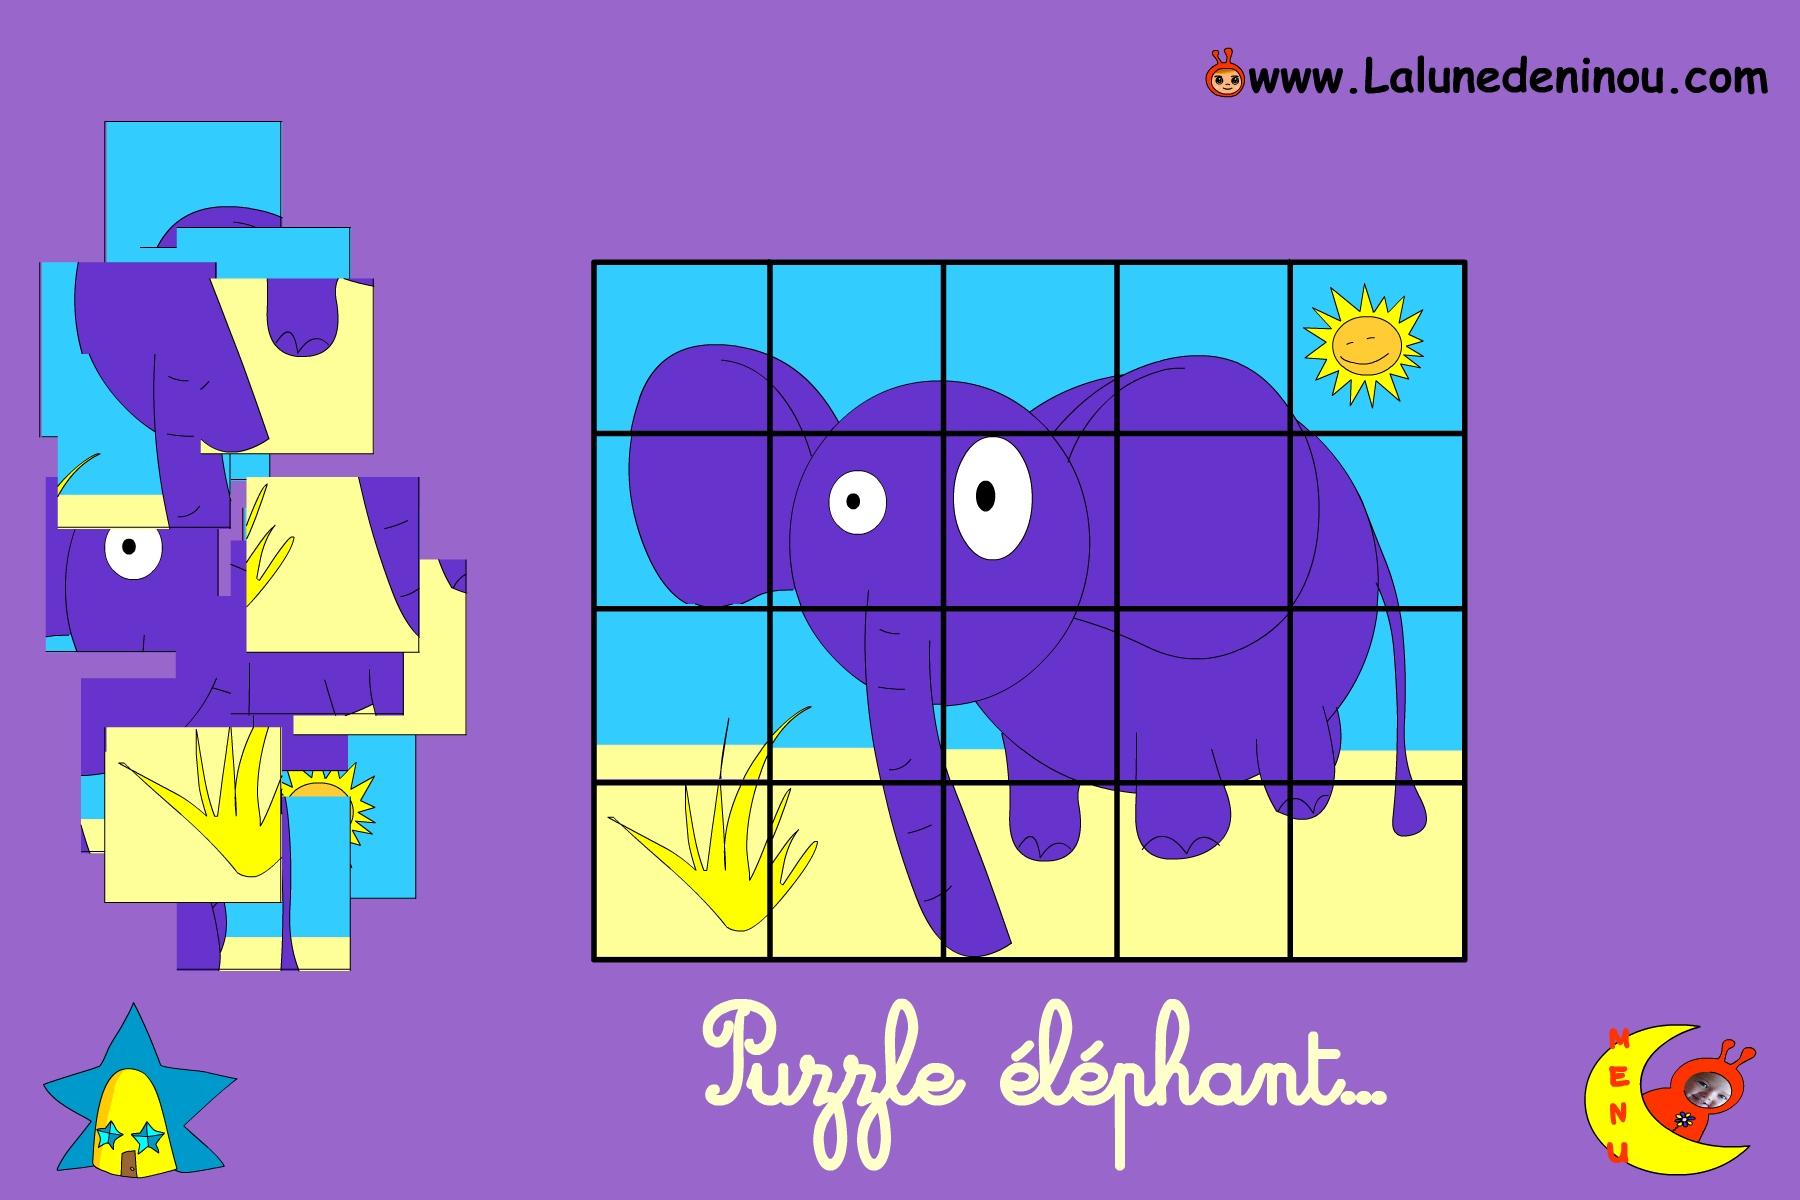 Puzzle En Ligne Pour Enfant De Maternelle - Lalunedeninou intérieur Jeux Gratuit Maternelle Petite Section